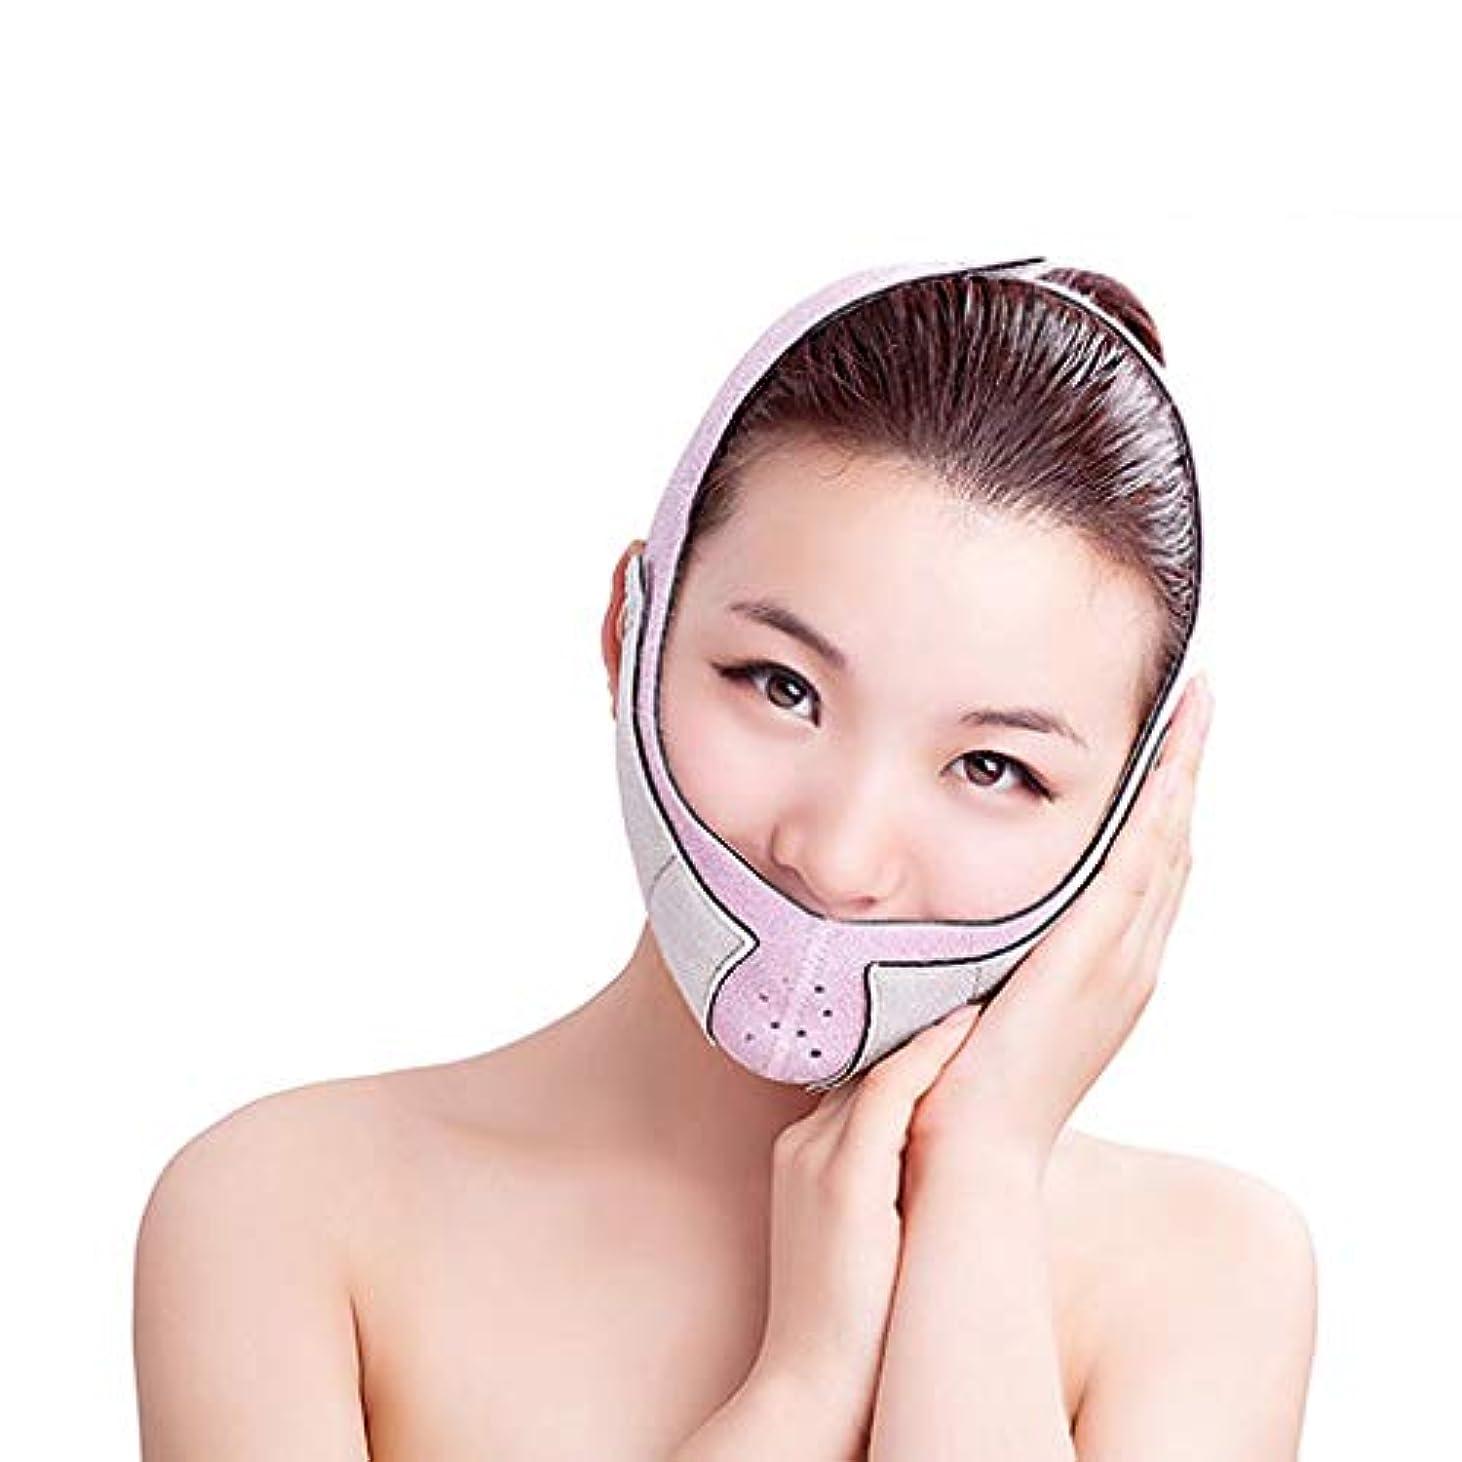 白い兄弟愛侵入する減量マスク頬の皮膚会社顎顔リフトマスクマイクロリカバリー固定包帯